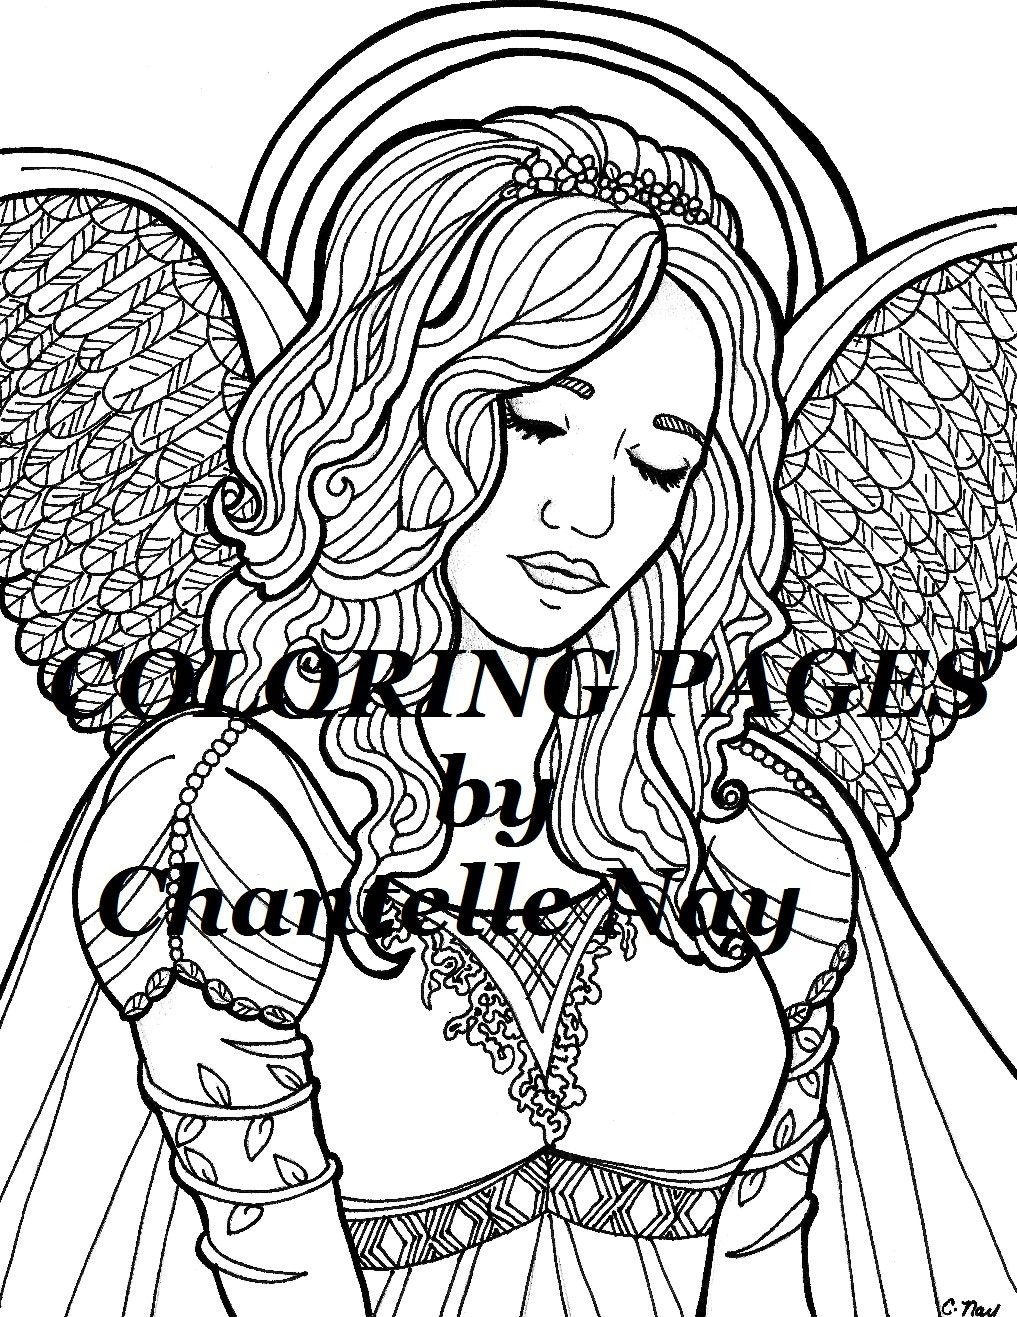 kleurplaten pagina engel vrouw gezicht volwassen etsy